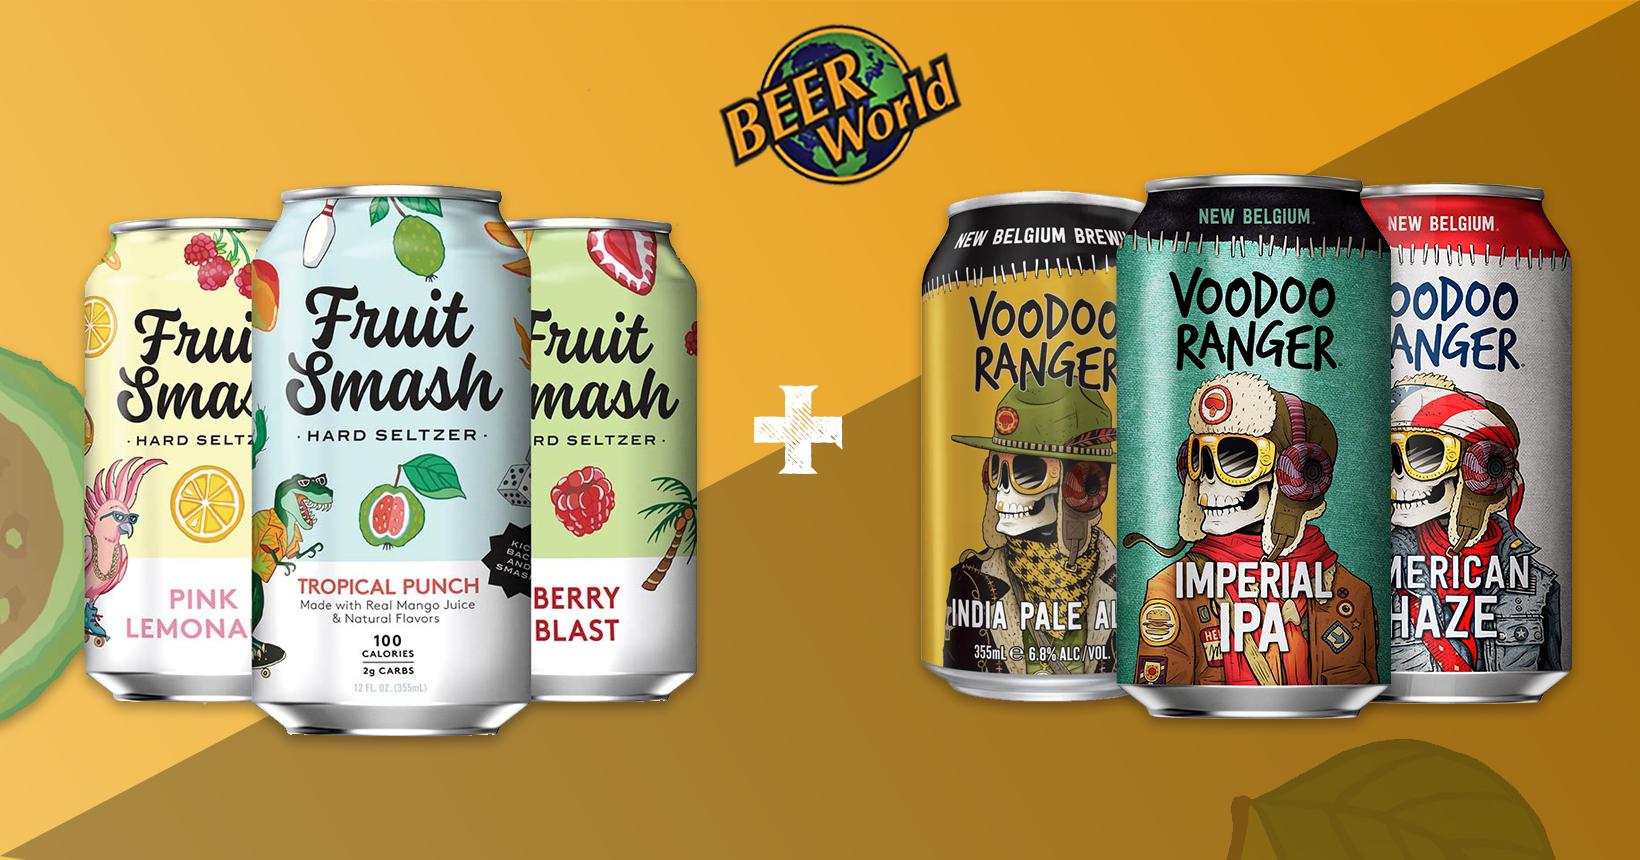 https://beerworldstore.com/wp-content/uploads/2021/06/voodoo-fruit-smash.png